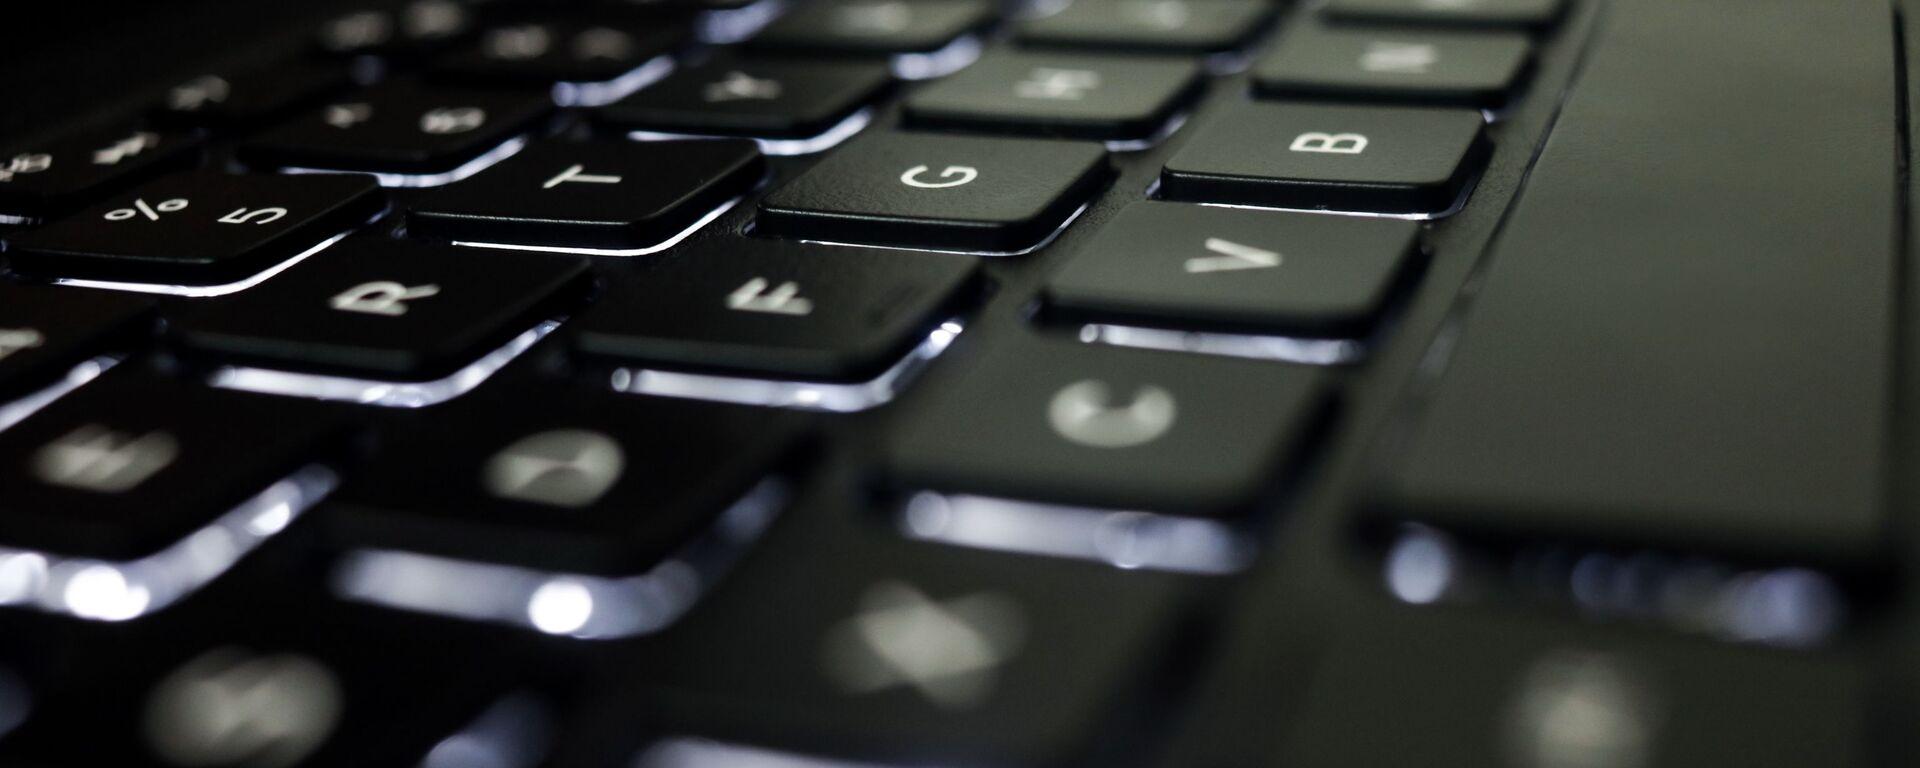 Un teclado, imagen referencial - Sputnik Mundo, 1920, 08.04.2021